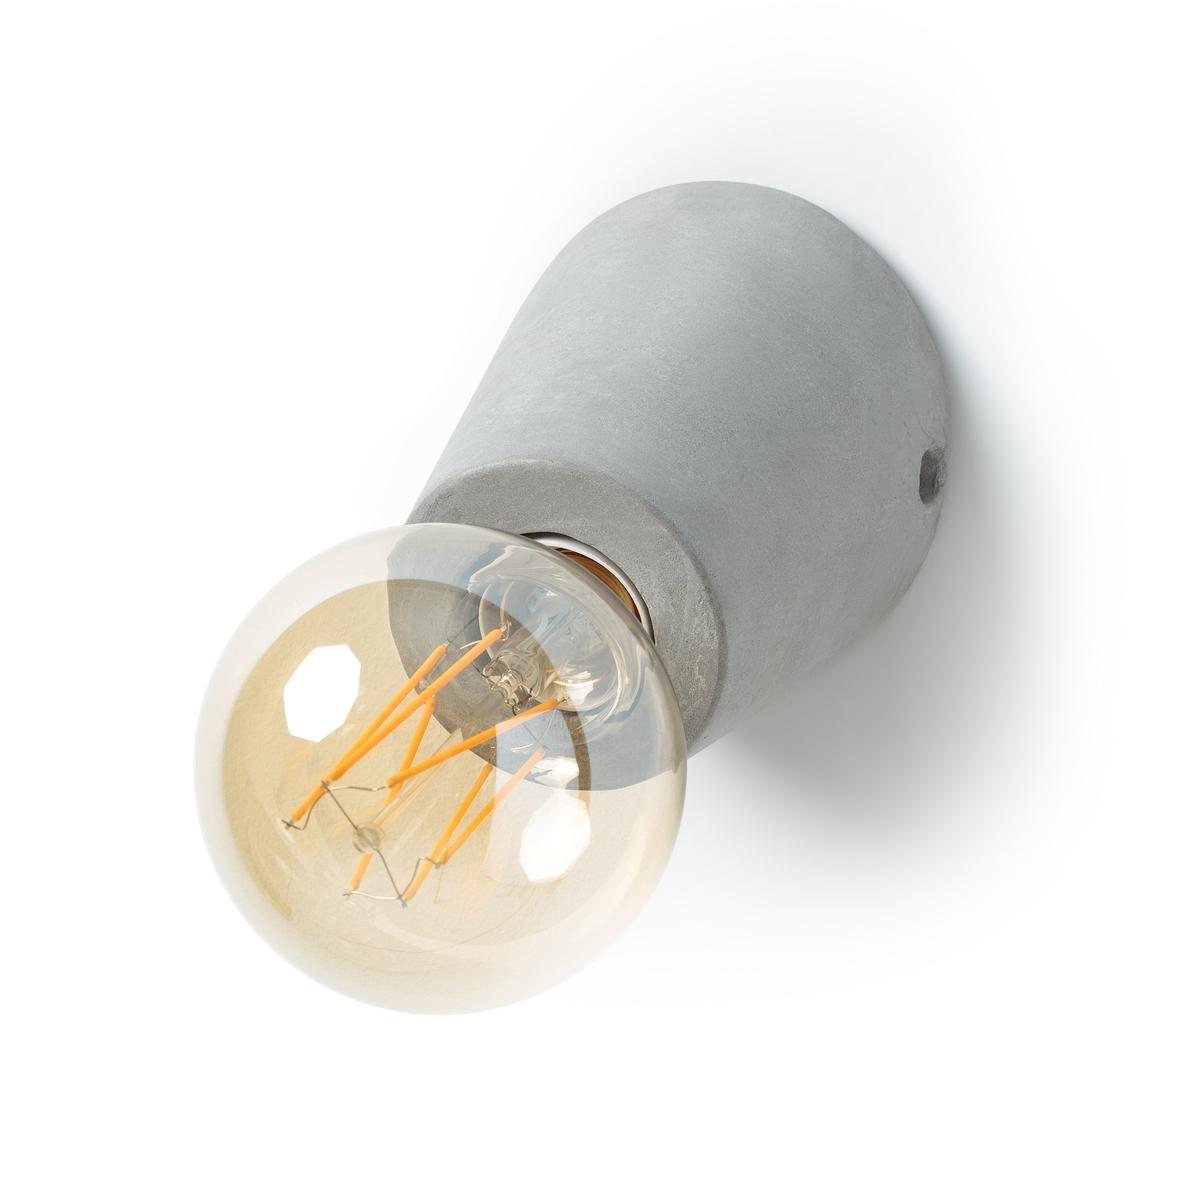 Бра из бетона, SynopsieБра Synopsie. Скромная и красивая коническая форма, из бетона. Использовать с декоративными лампами, представленными на нашем сайте, для теплого янтарного цвета.Характеристики : - Основание из бетона- Патрон E27 для флуокомпактной лампы 15 Вт макс. (представлена на нашем сайте)- Совместима с лампами класса энергопотребления A.- Поставляется в собранном виде  Размеры :- ? 11 x В.11,5 см<br><br>Цвет: серый